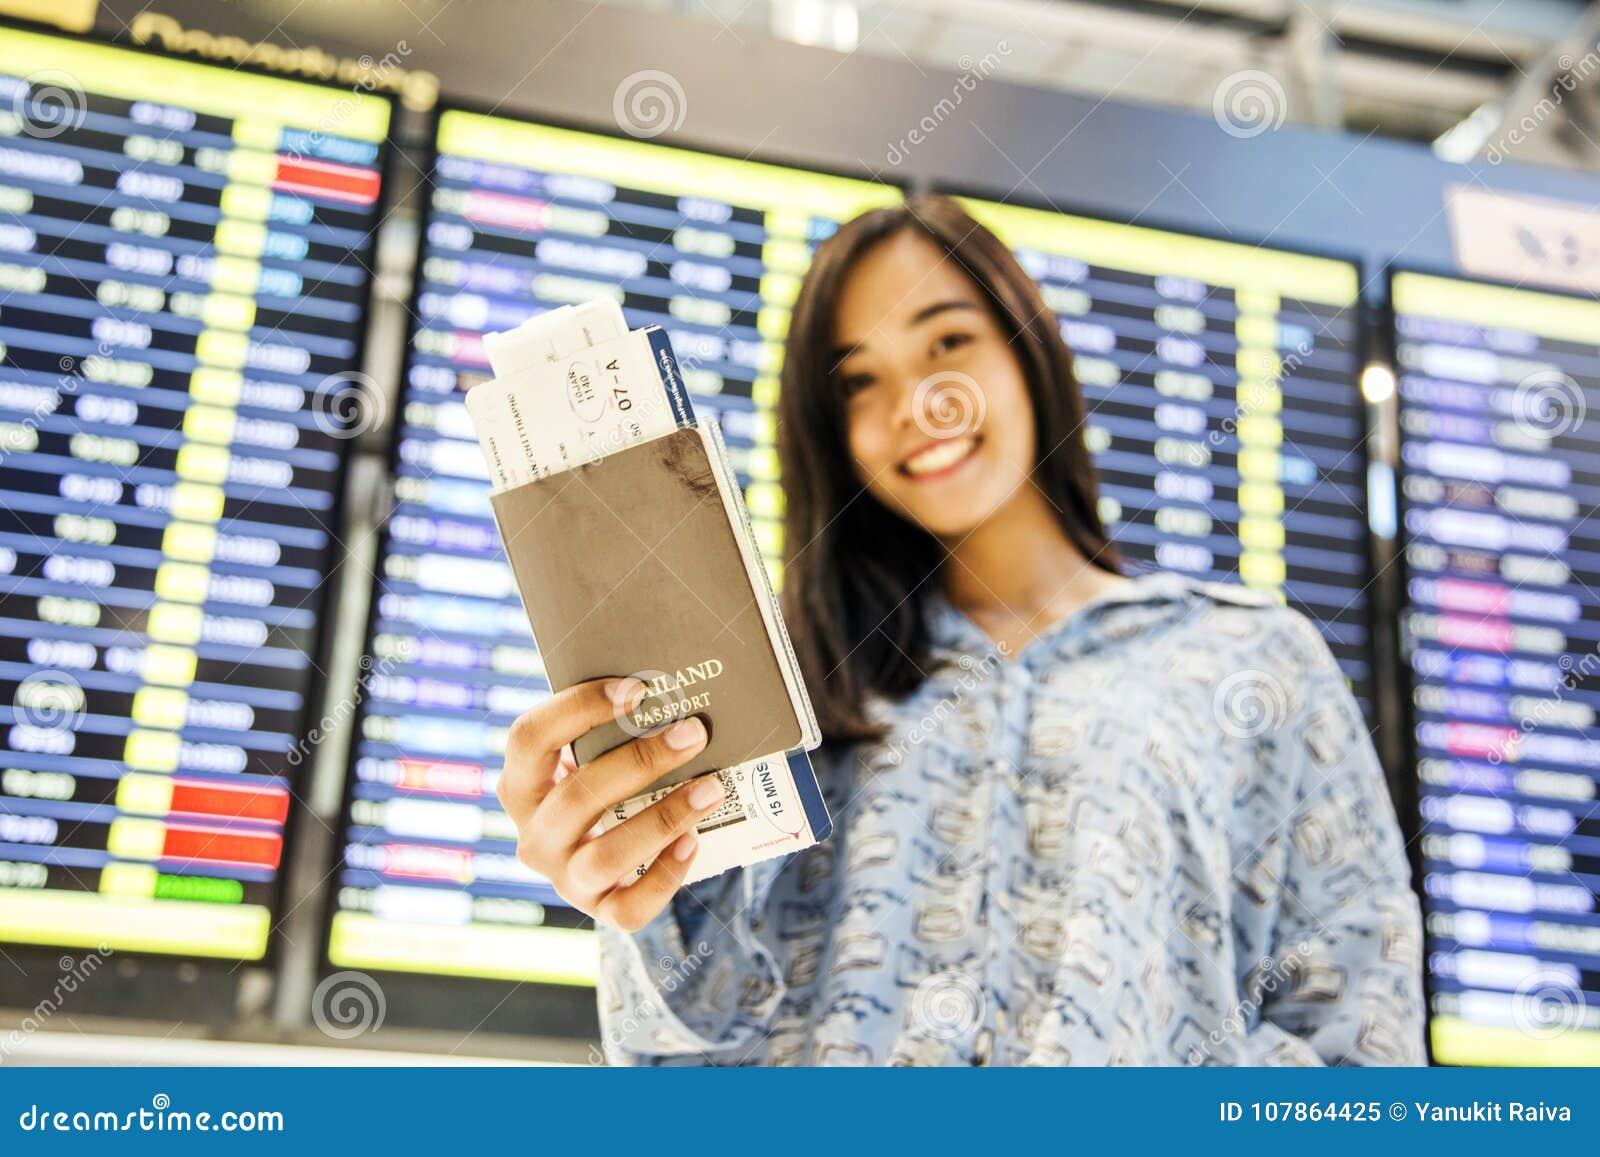 Asiatischer Mädchenprüfungsflug am Flughafen